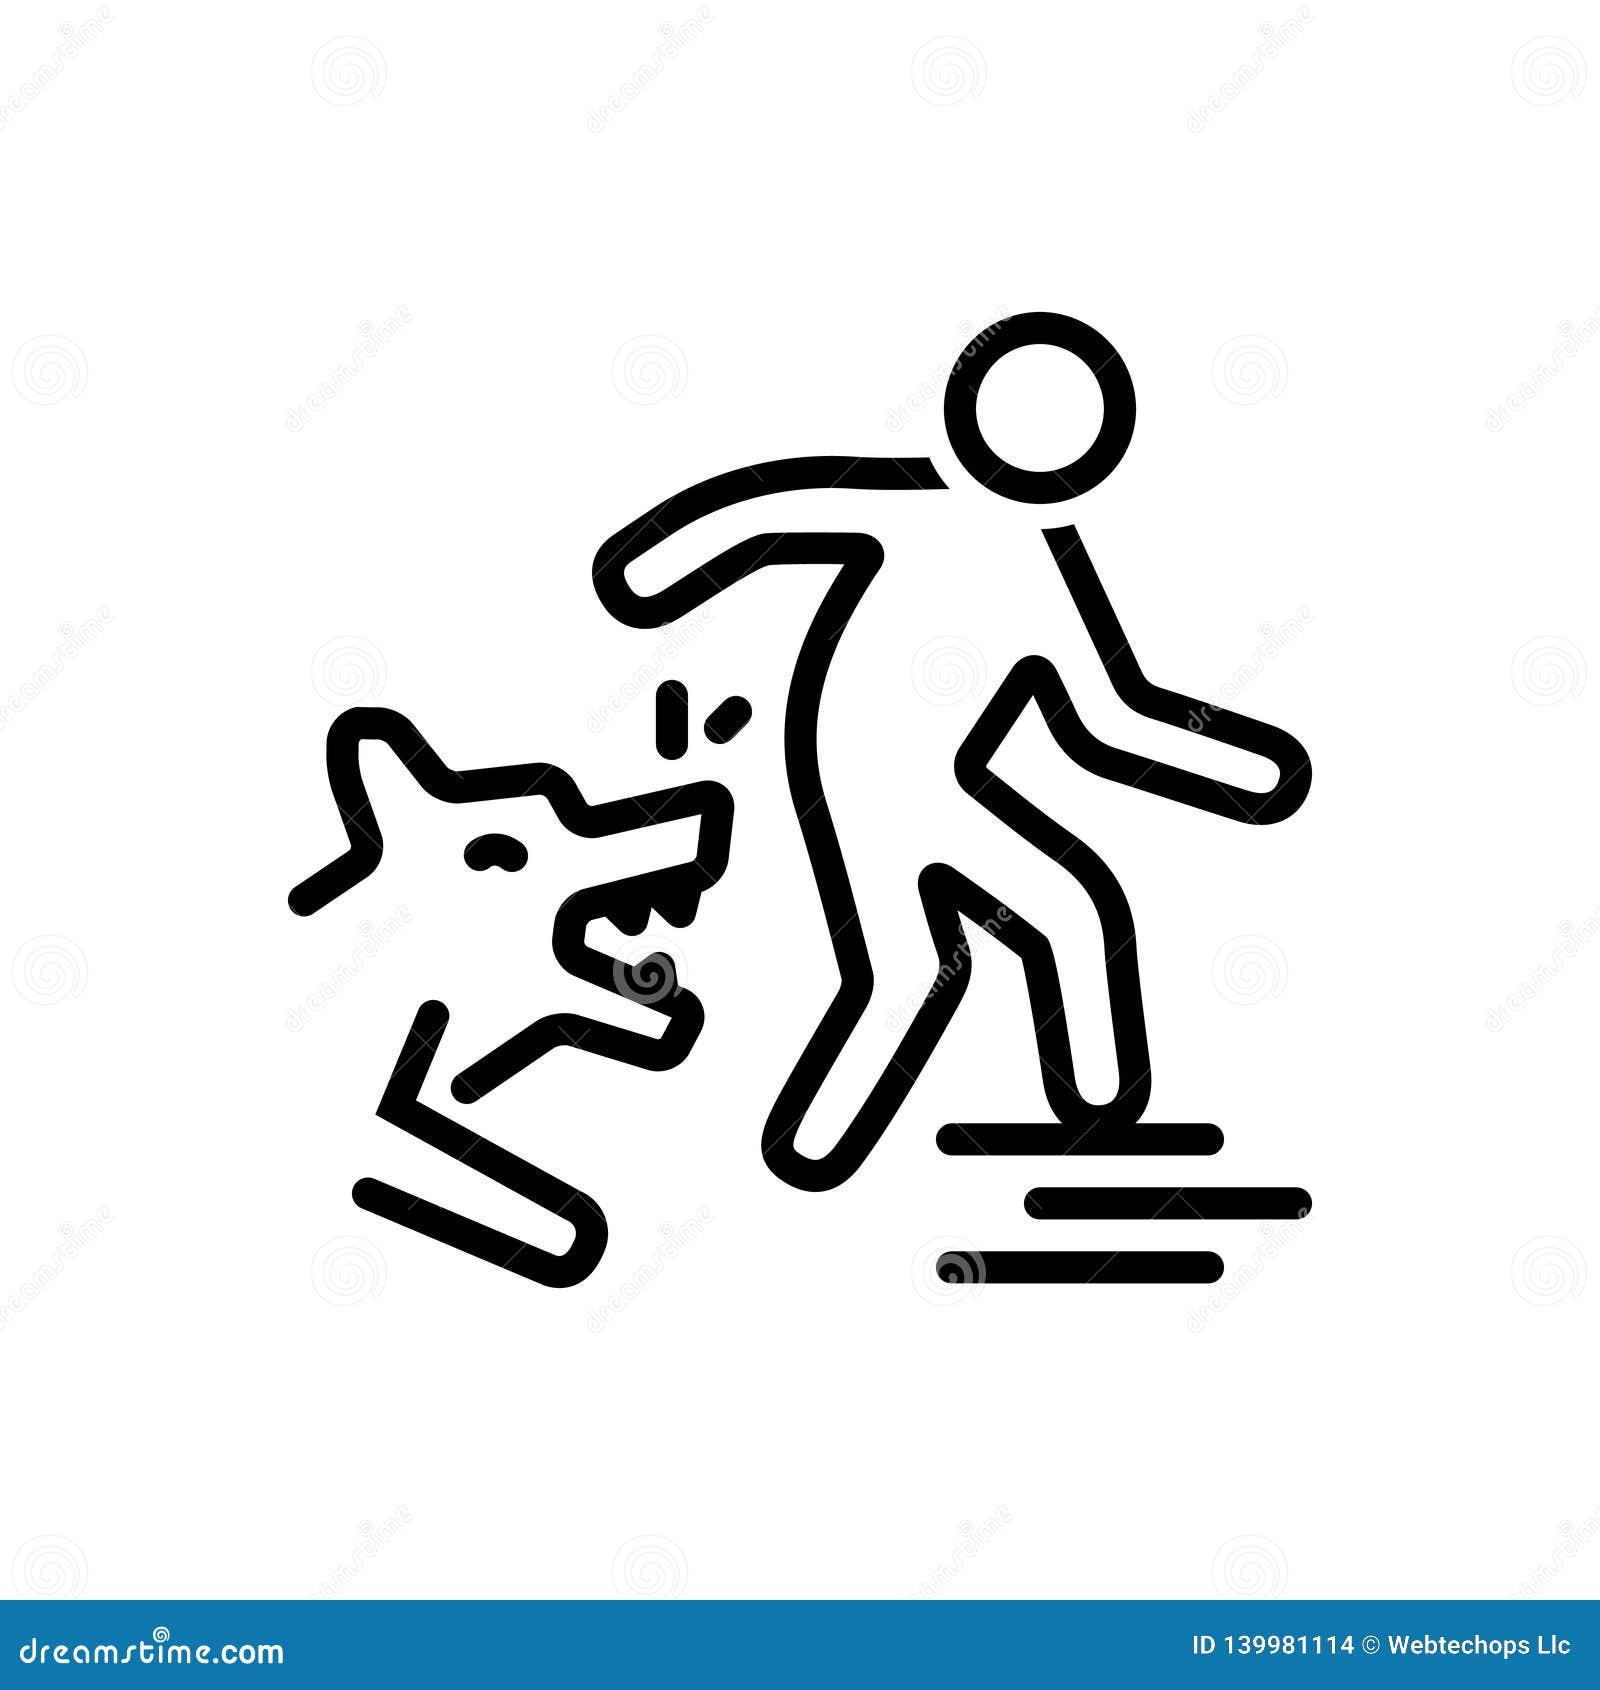 Czarna kreskowa ikona dla ukąszenie psa, ataka i zwierzęcia,